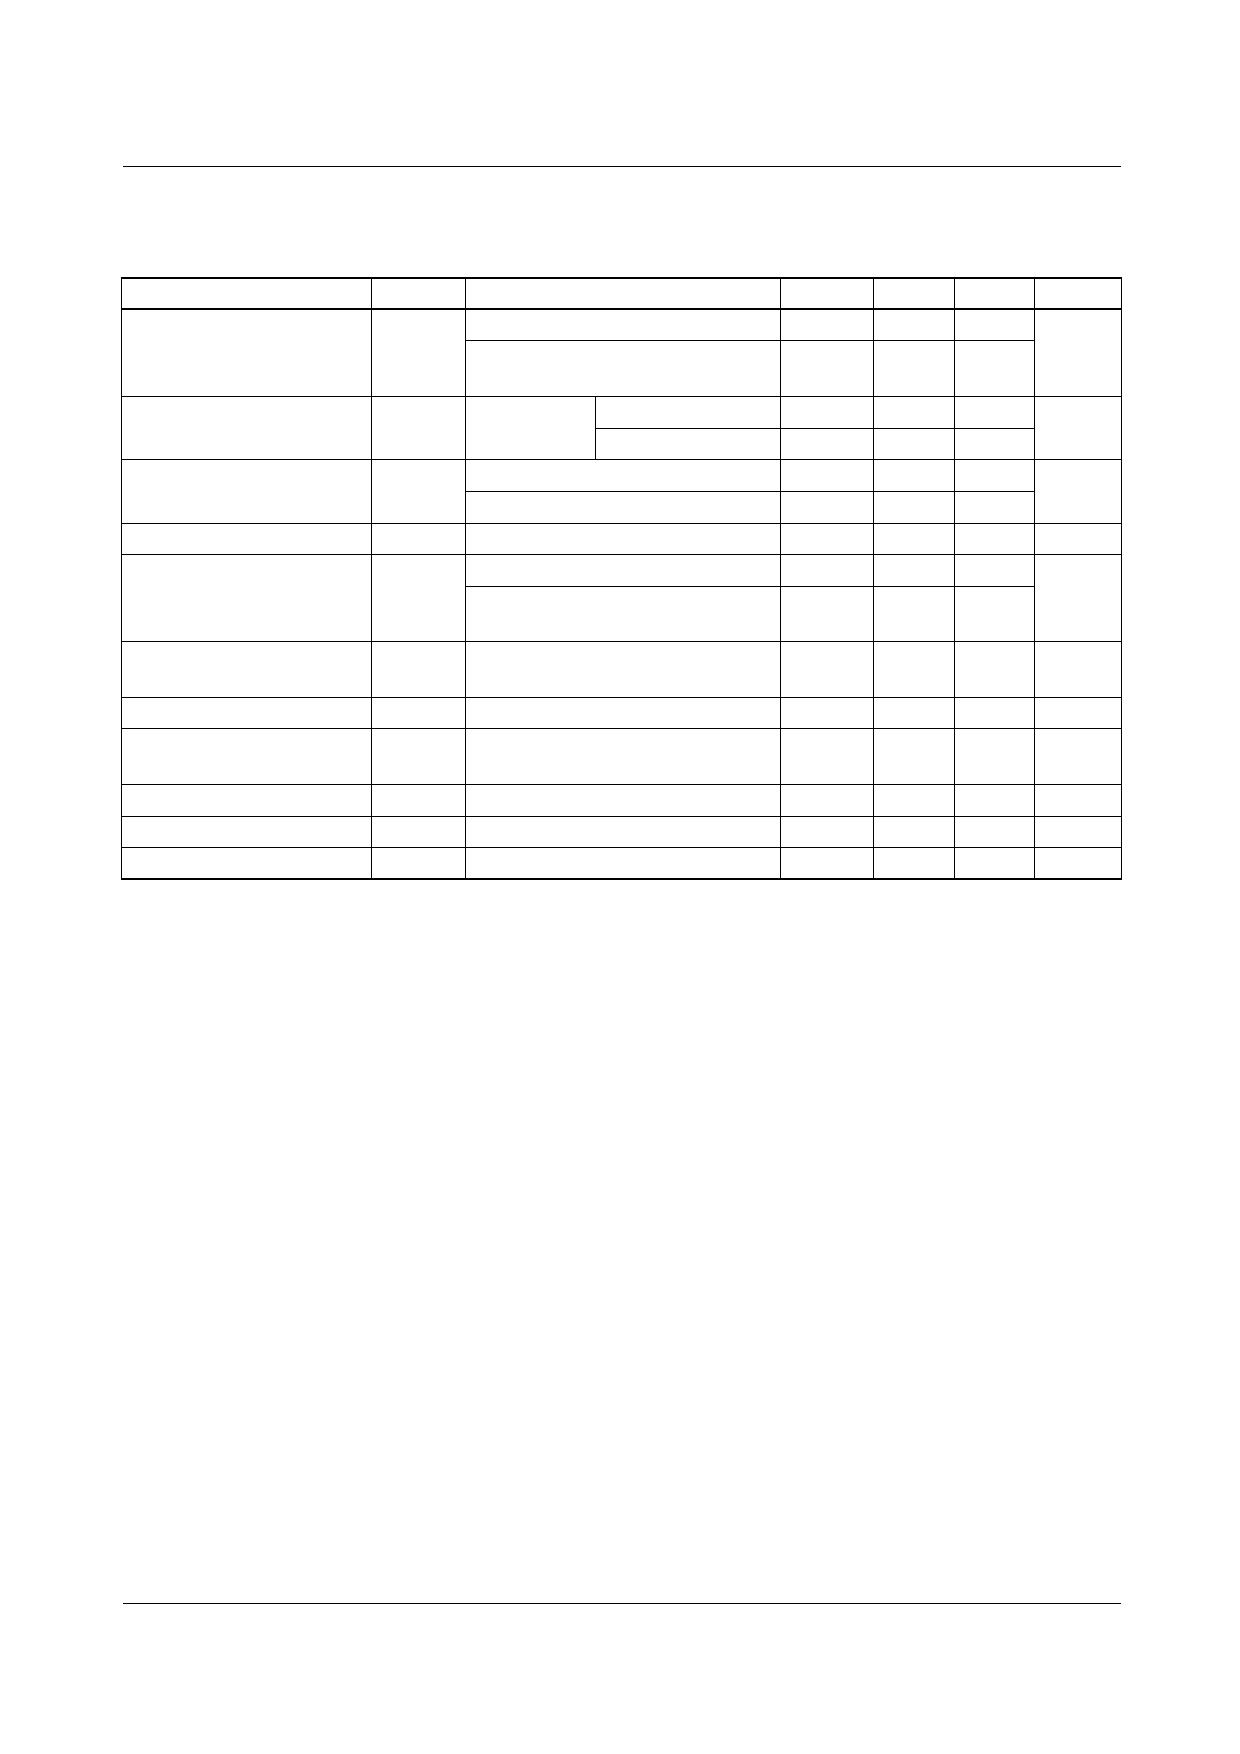 KA78M18 pdf, ピン配列